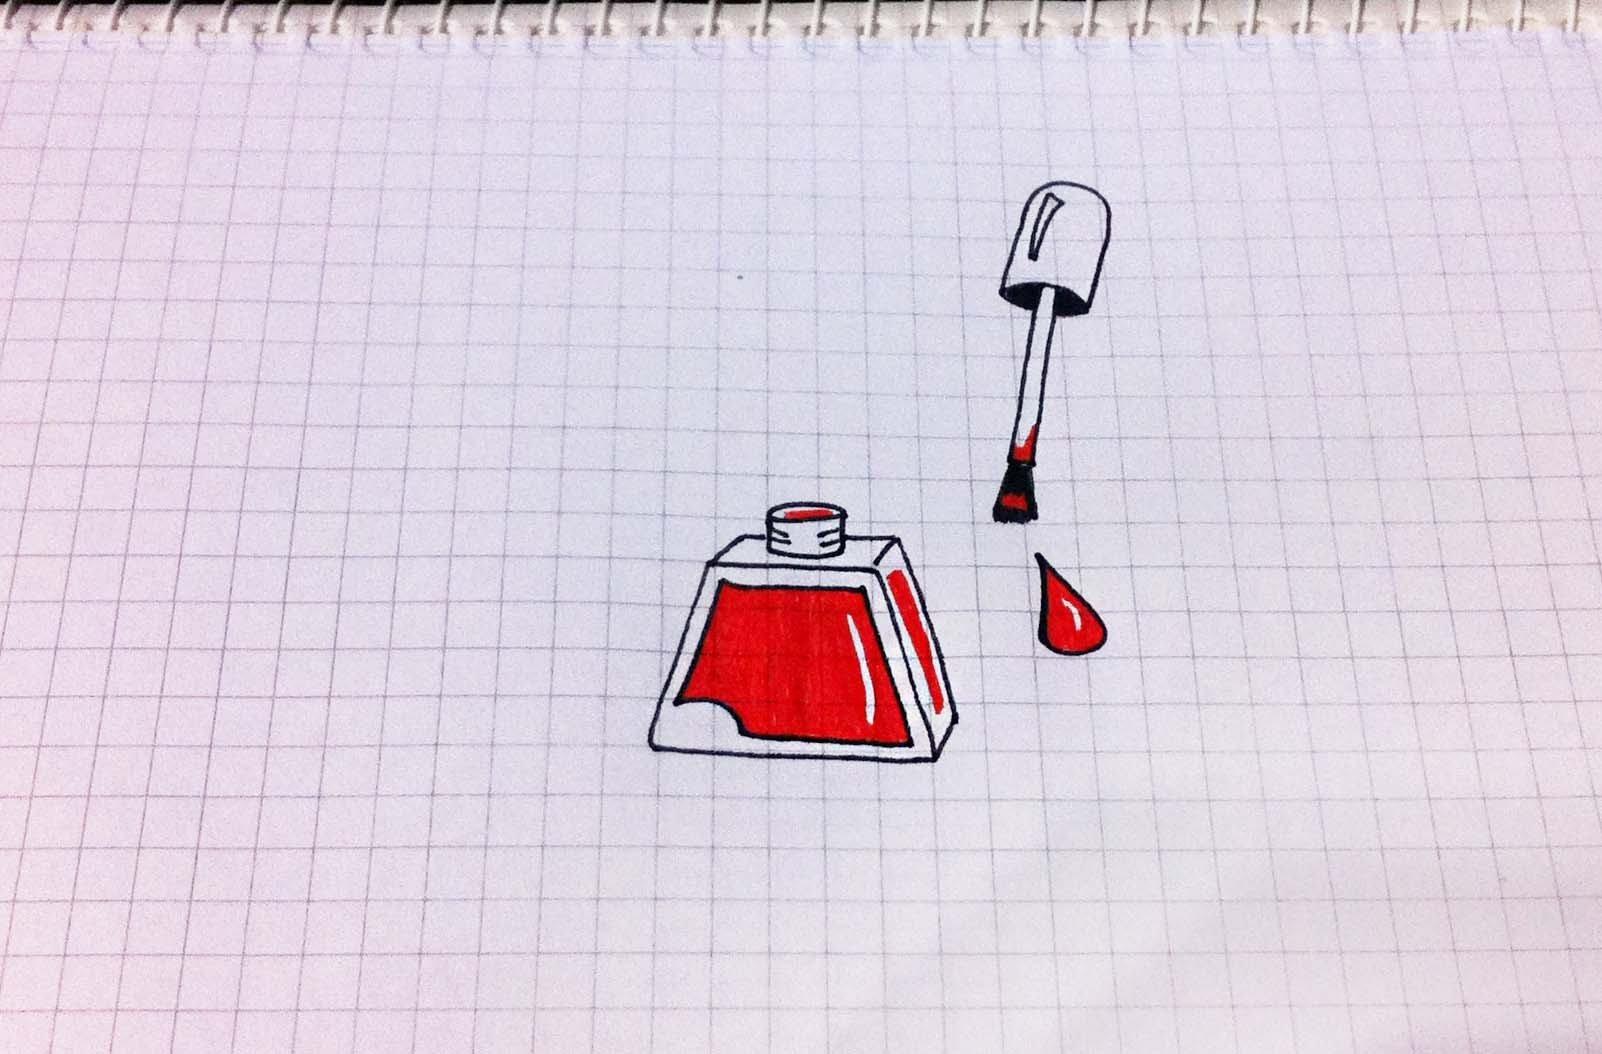 Тему сегодня, прикольные картинки с ручками